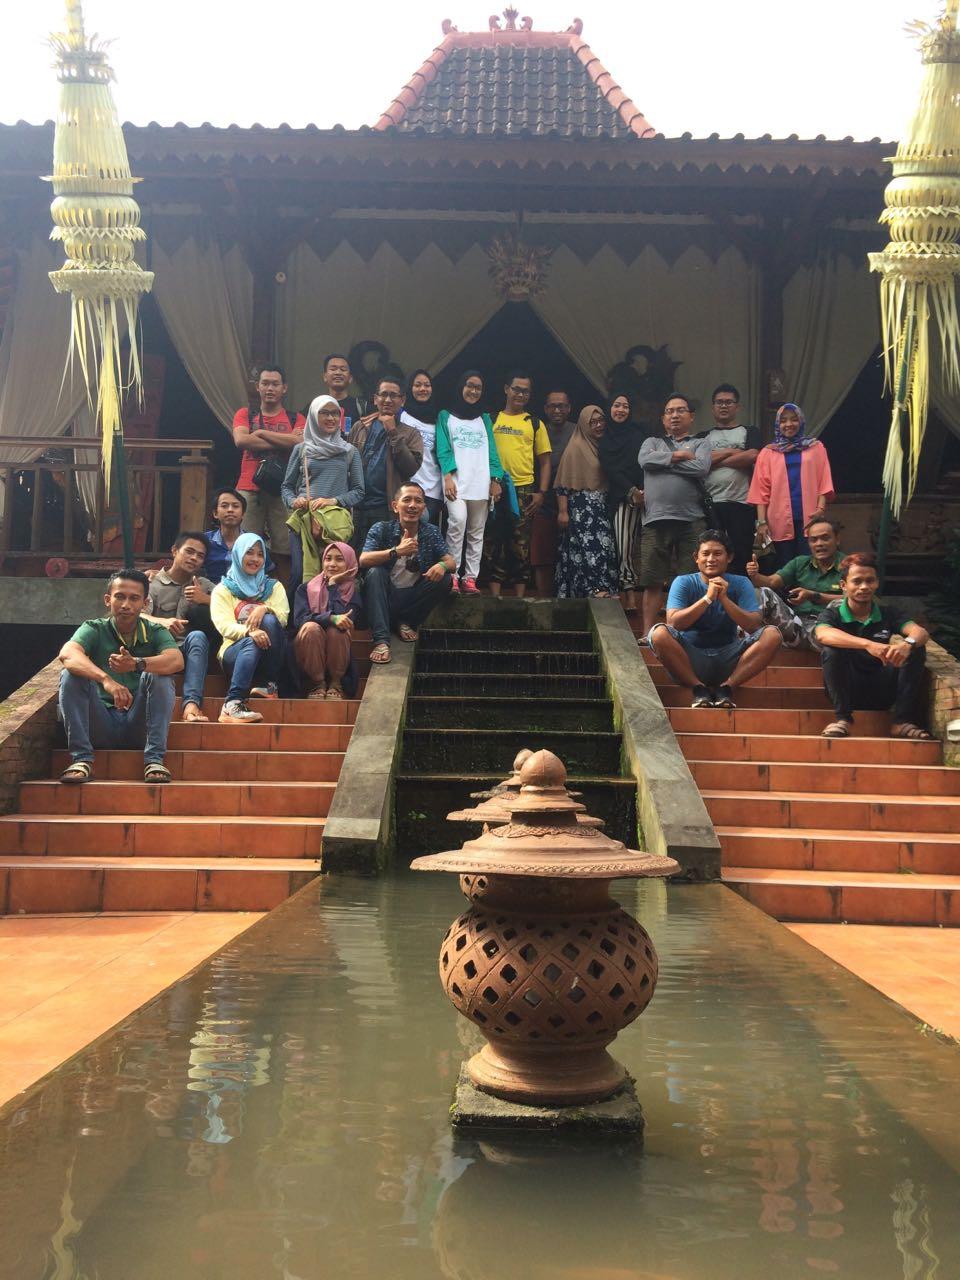 Refreshing Akhir Ala Citra Tv Lamongan Menengok Kampoeng Djawi Foto